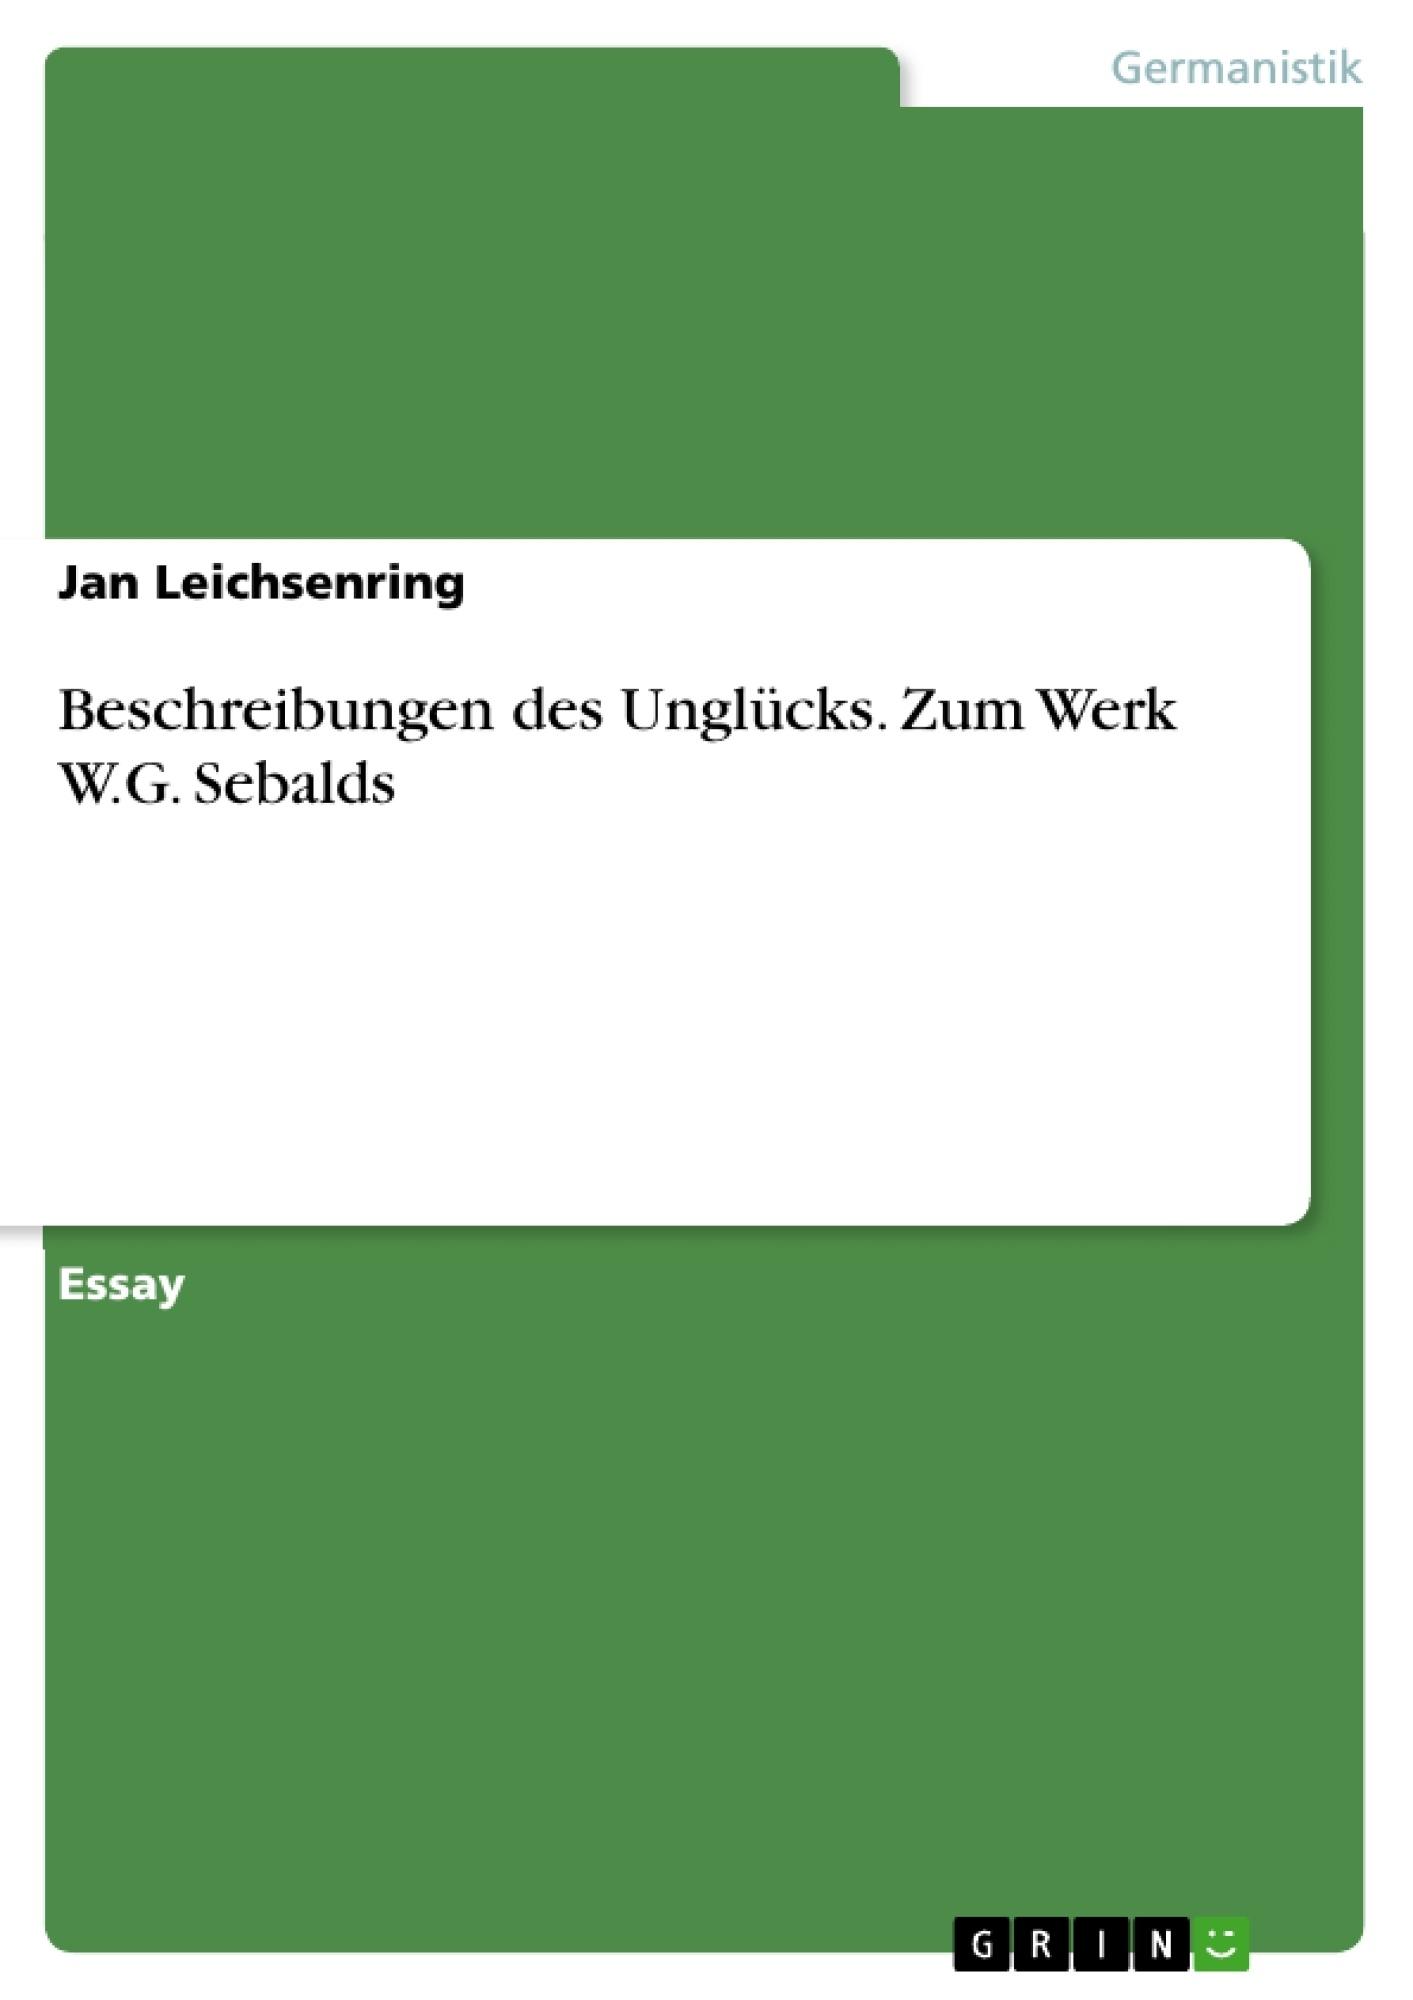 Titel: Beschreibungen des Unglücks. Zum Werk W.G. Sebalds